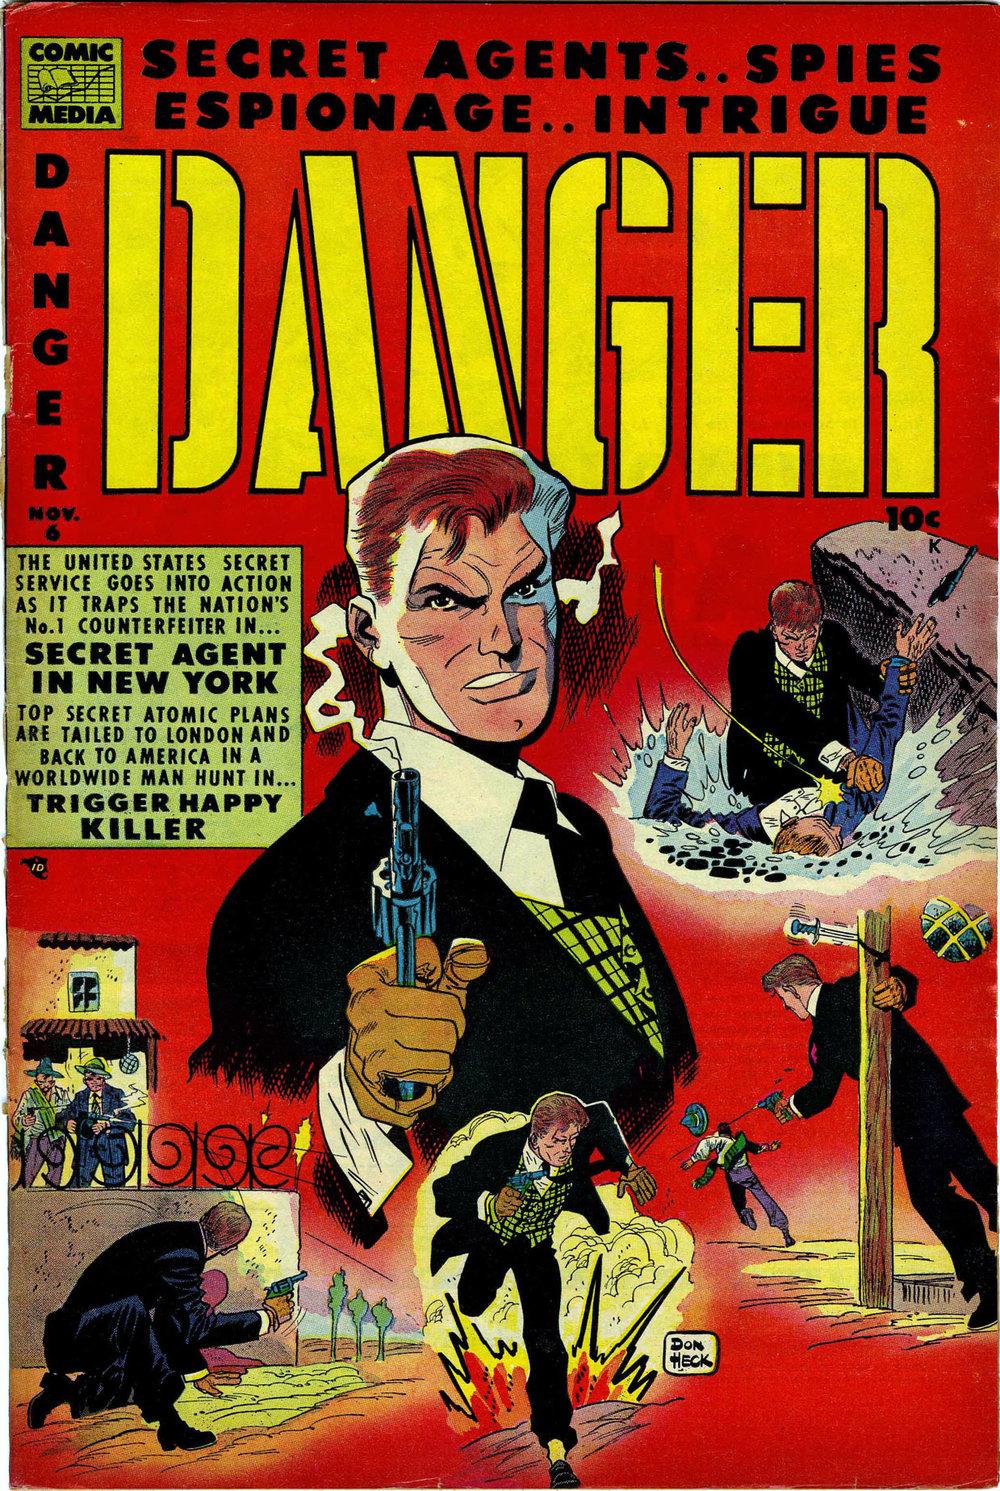 Danger_06_01.jpg